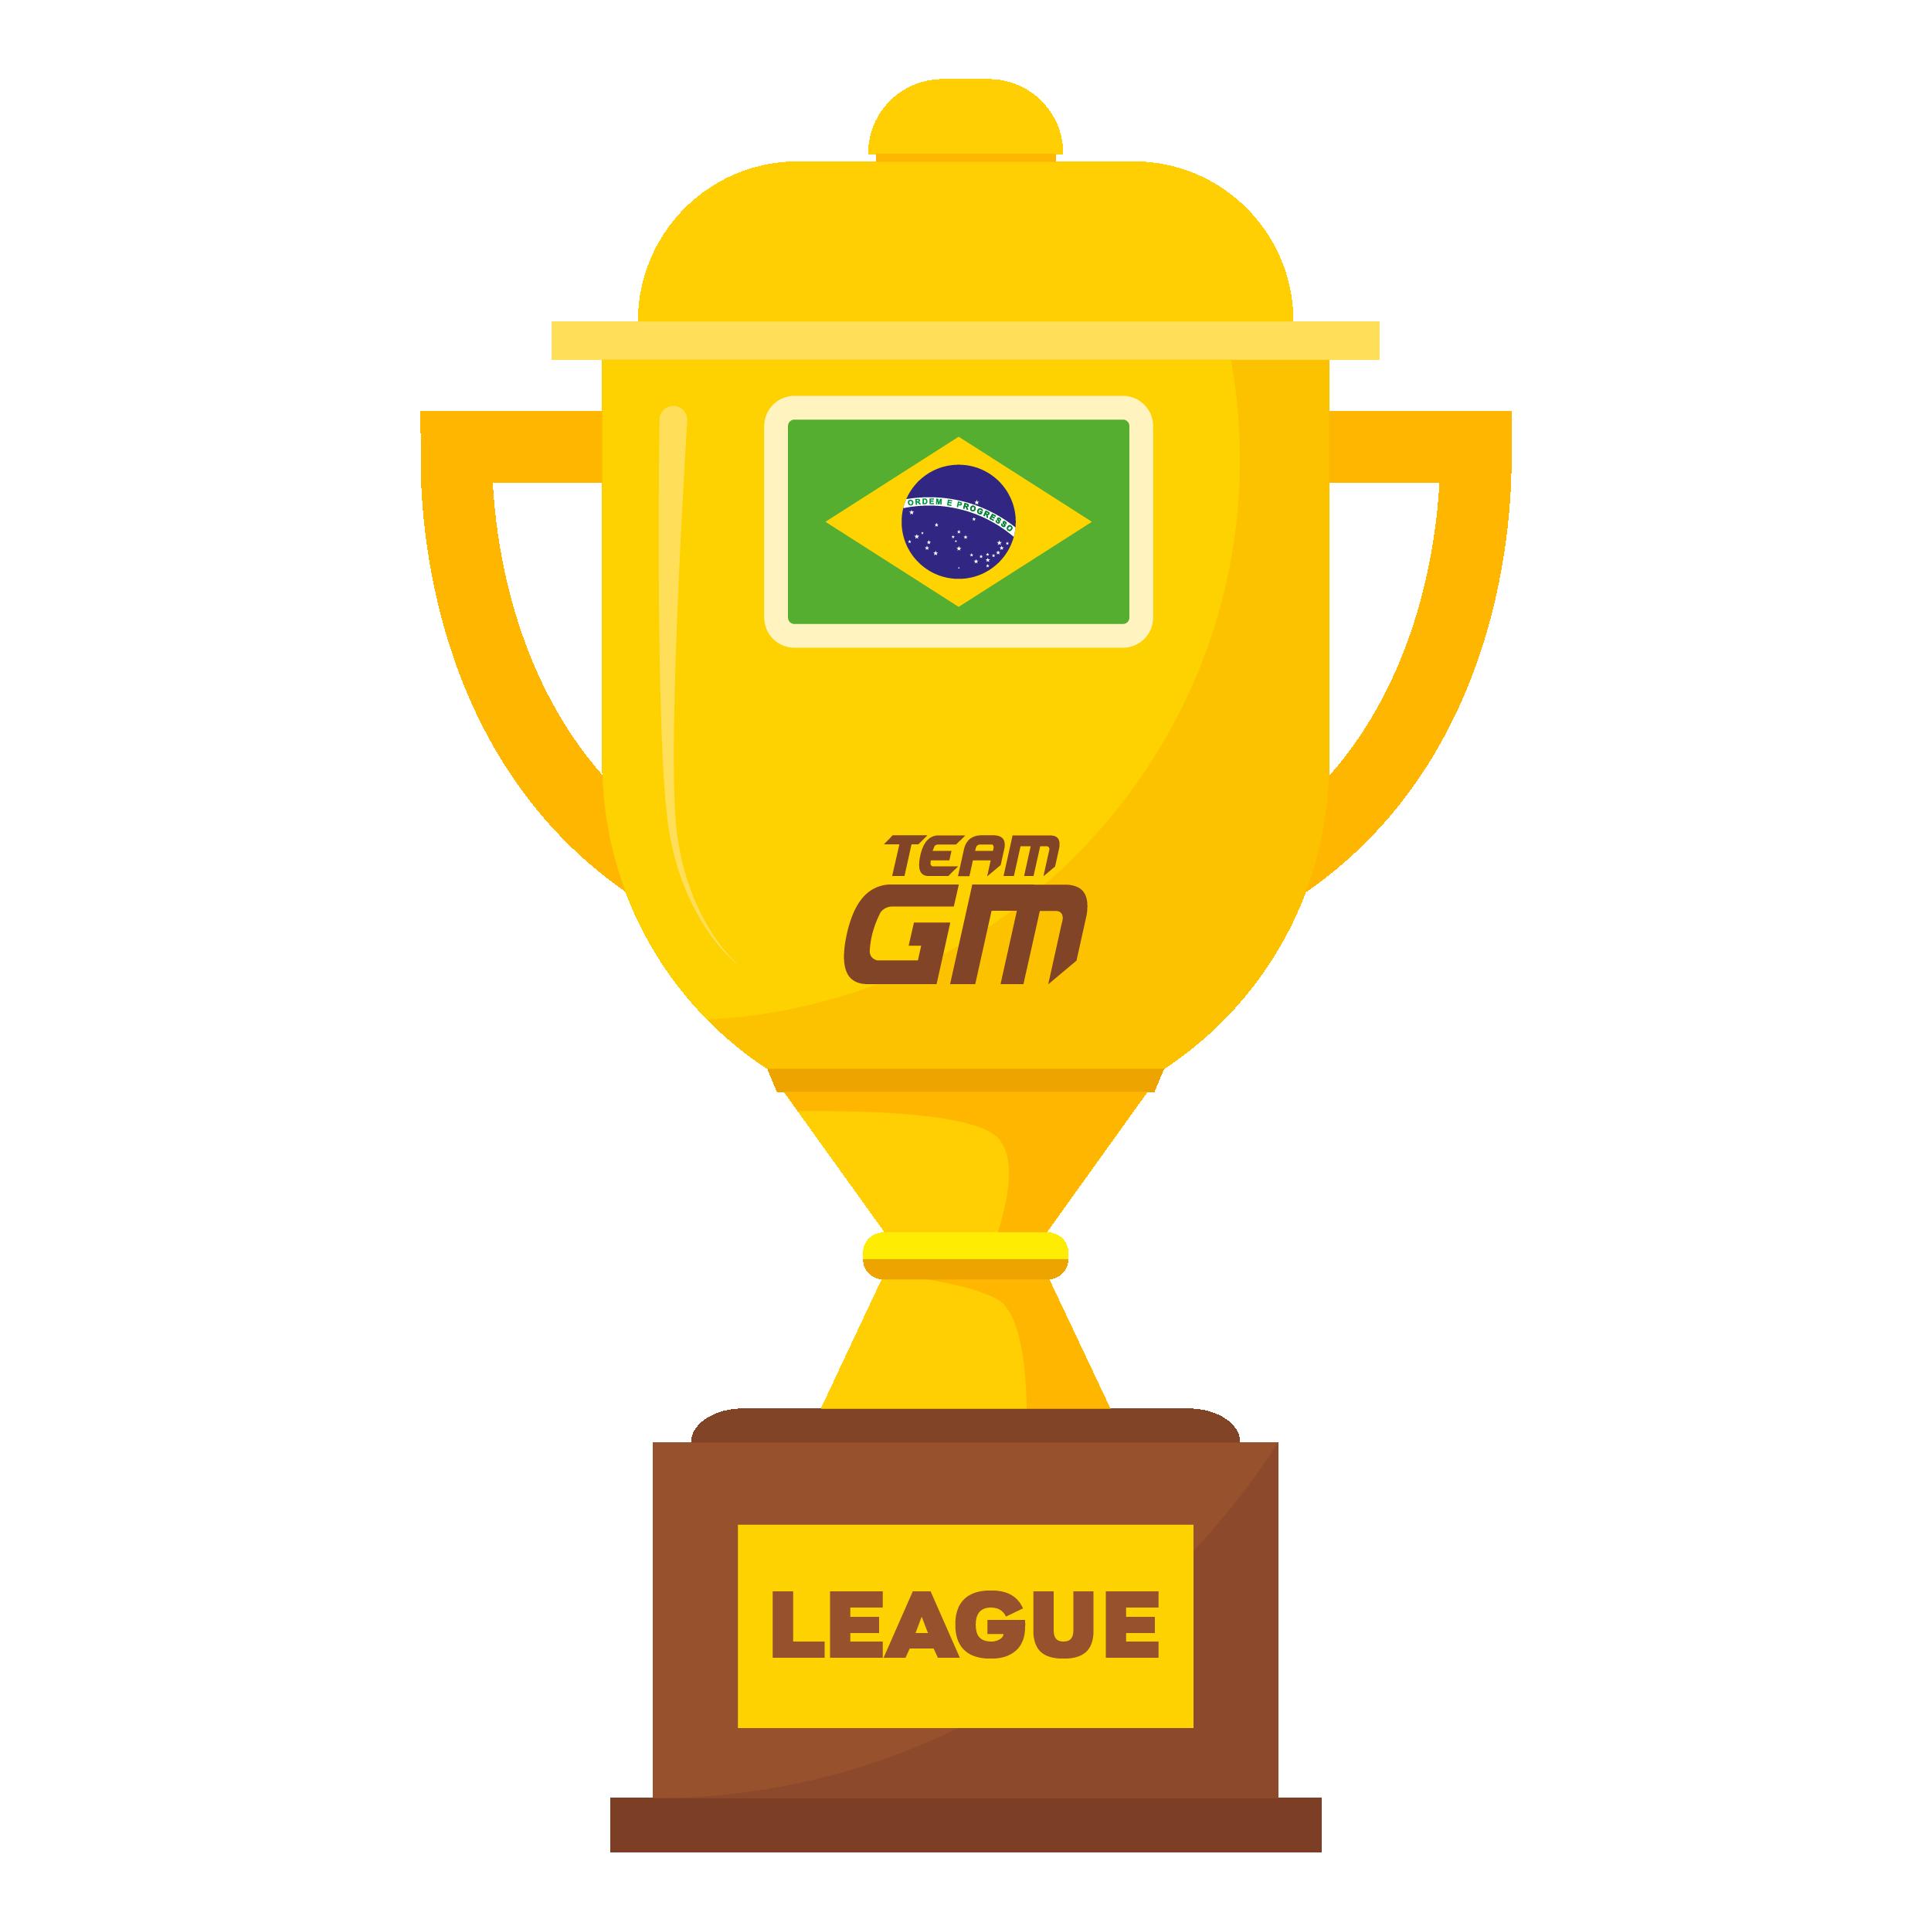 6TH - BRAZILIAN SUPER LEAGUE